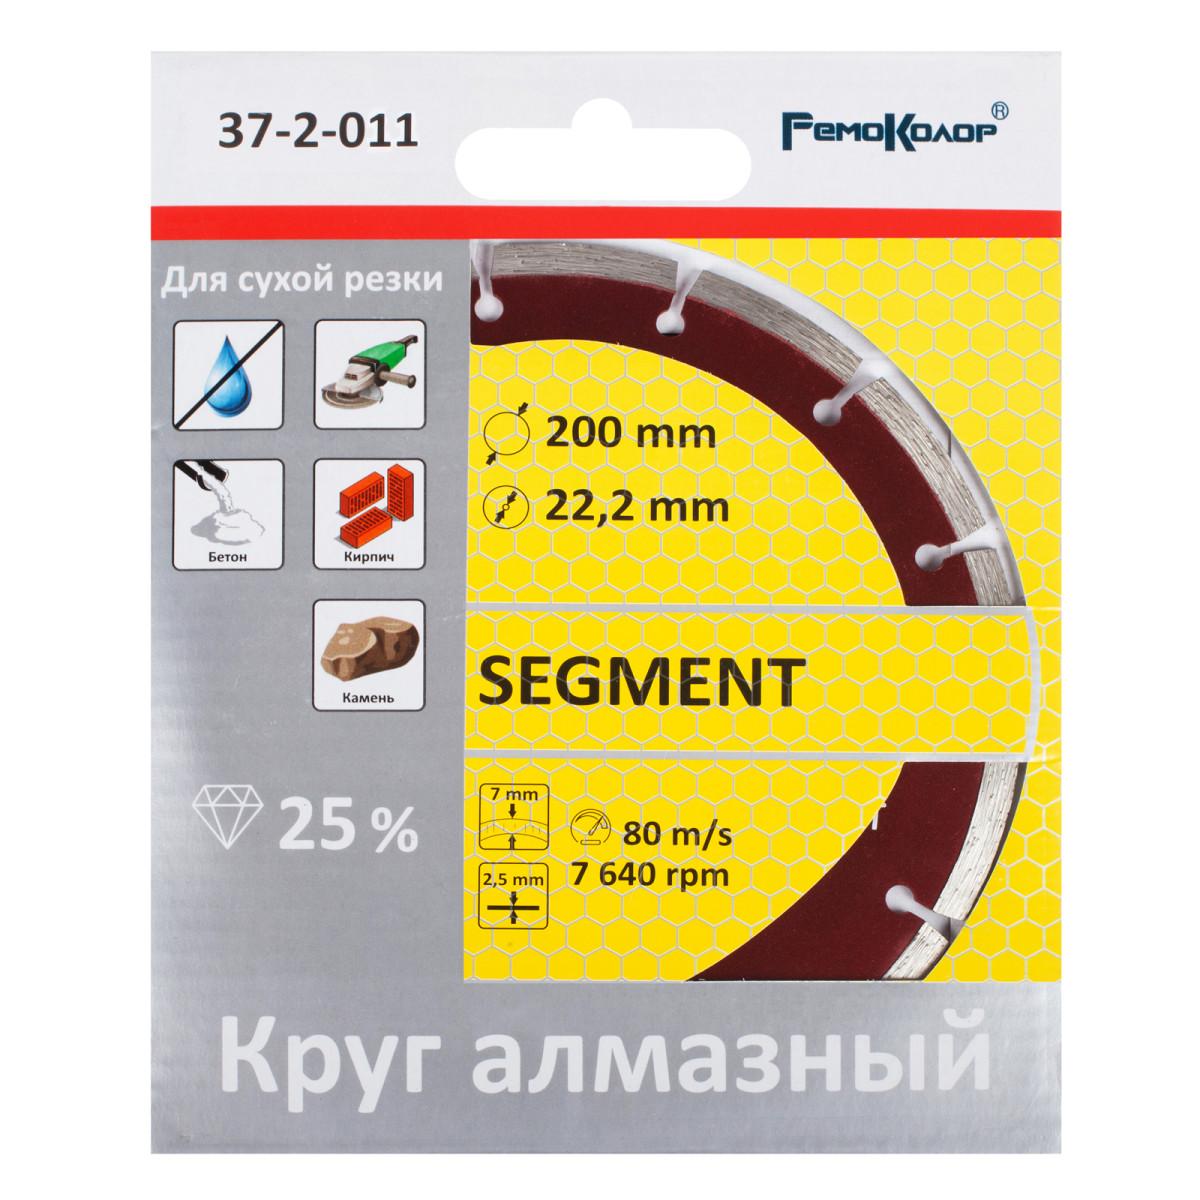 Диск Алмазный Ремоколор 200Х222 37-2-011